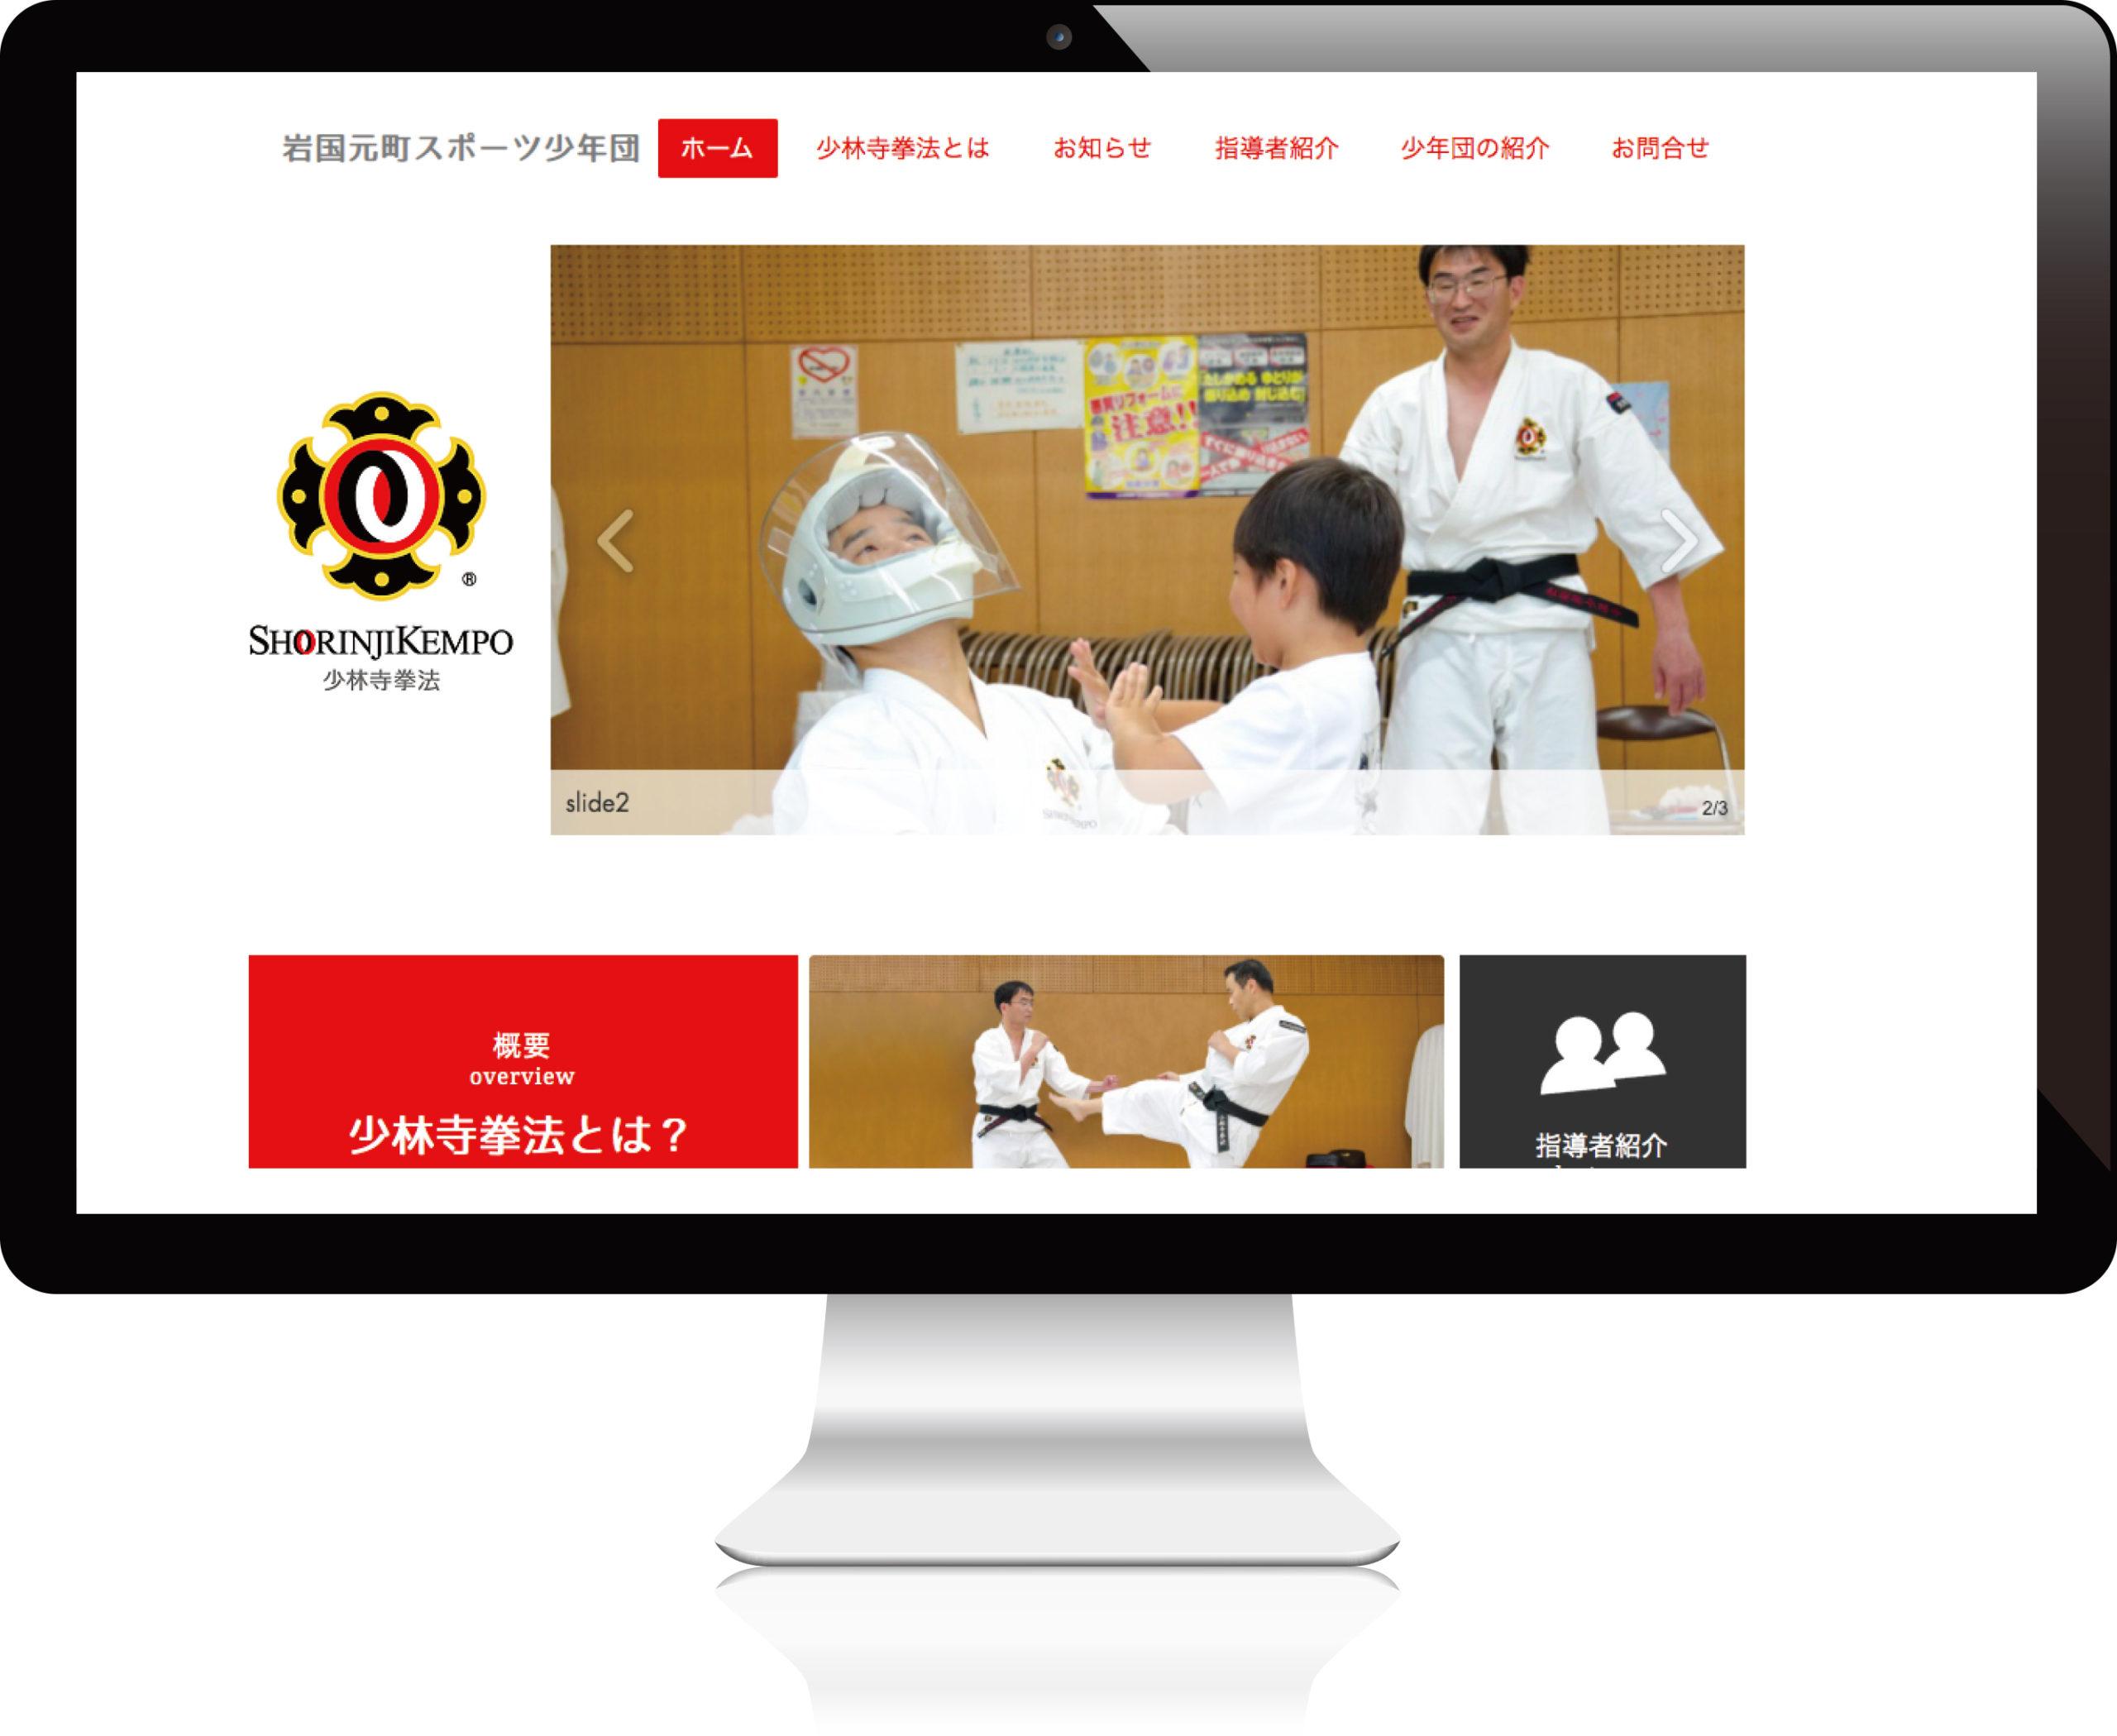 岩国元町スポーツ少年団 少林寺拳法 さま